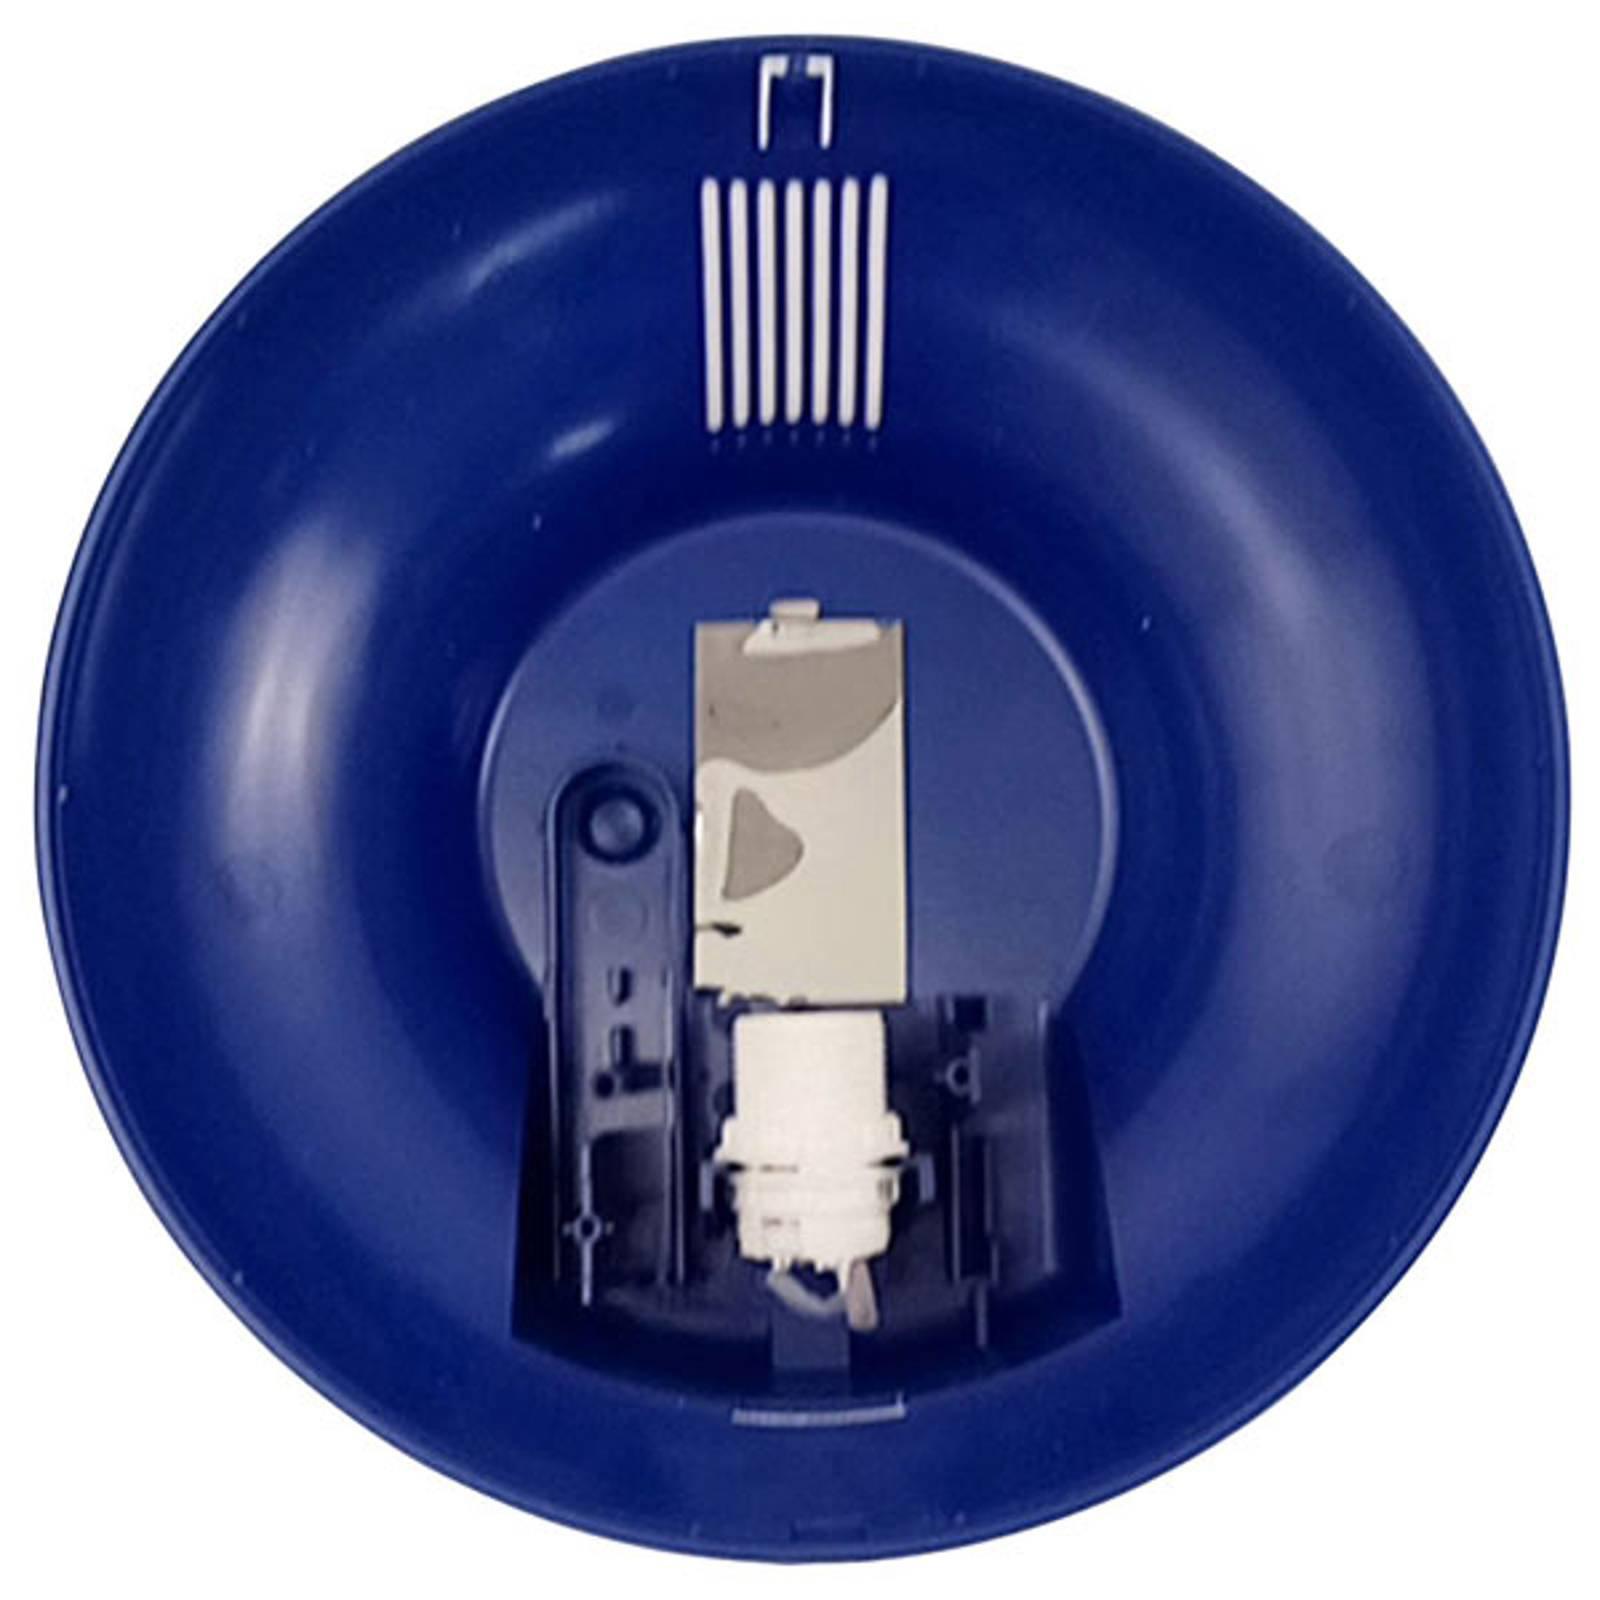 Vegglampe Paw Patrol, blå